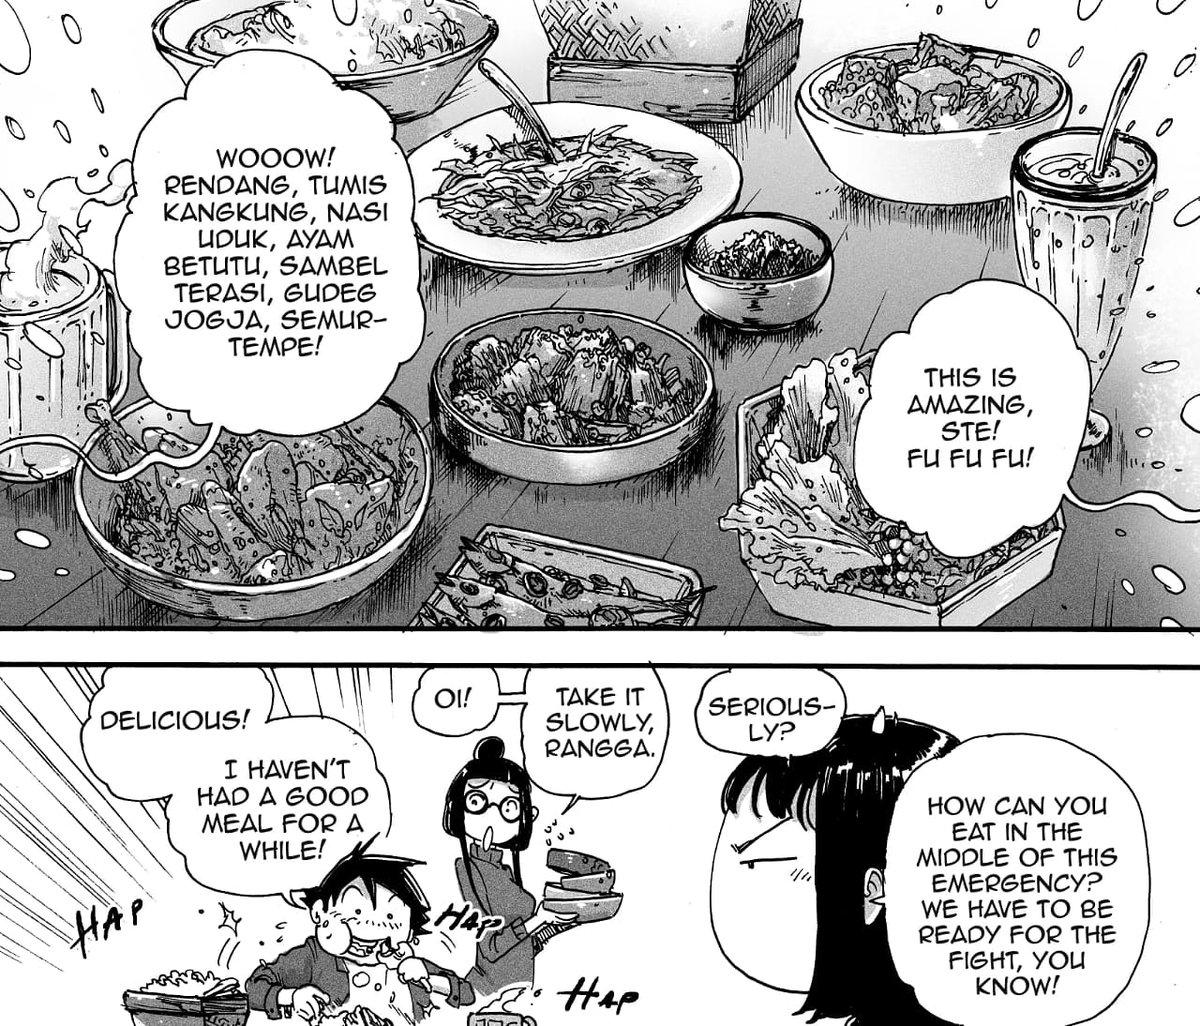 Mempopulerkan kekayaan budaya kuliner Nusantara lewat komik. Nantikan rilis volume kedua! 🙏🙏 https://t.co/NGv44S4Utu